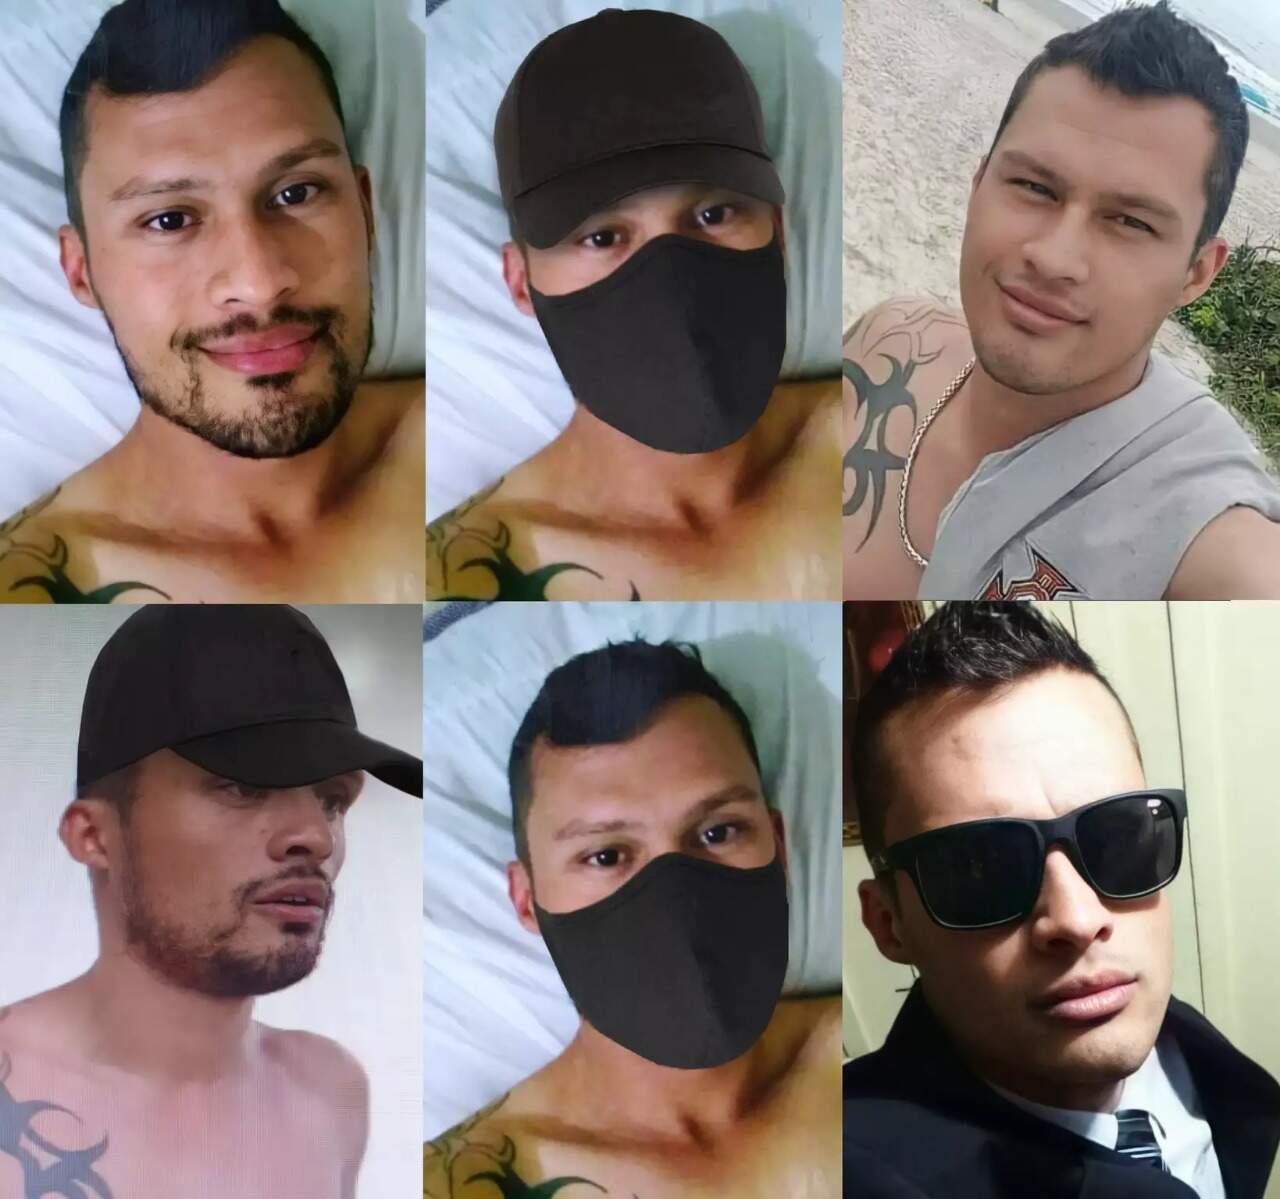 Imagens de José Tiago divulgadas pela polícia paranaense antes dele ser encontrado (Foto: PC-PR/Ascom)